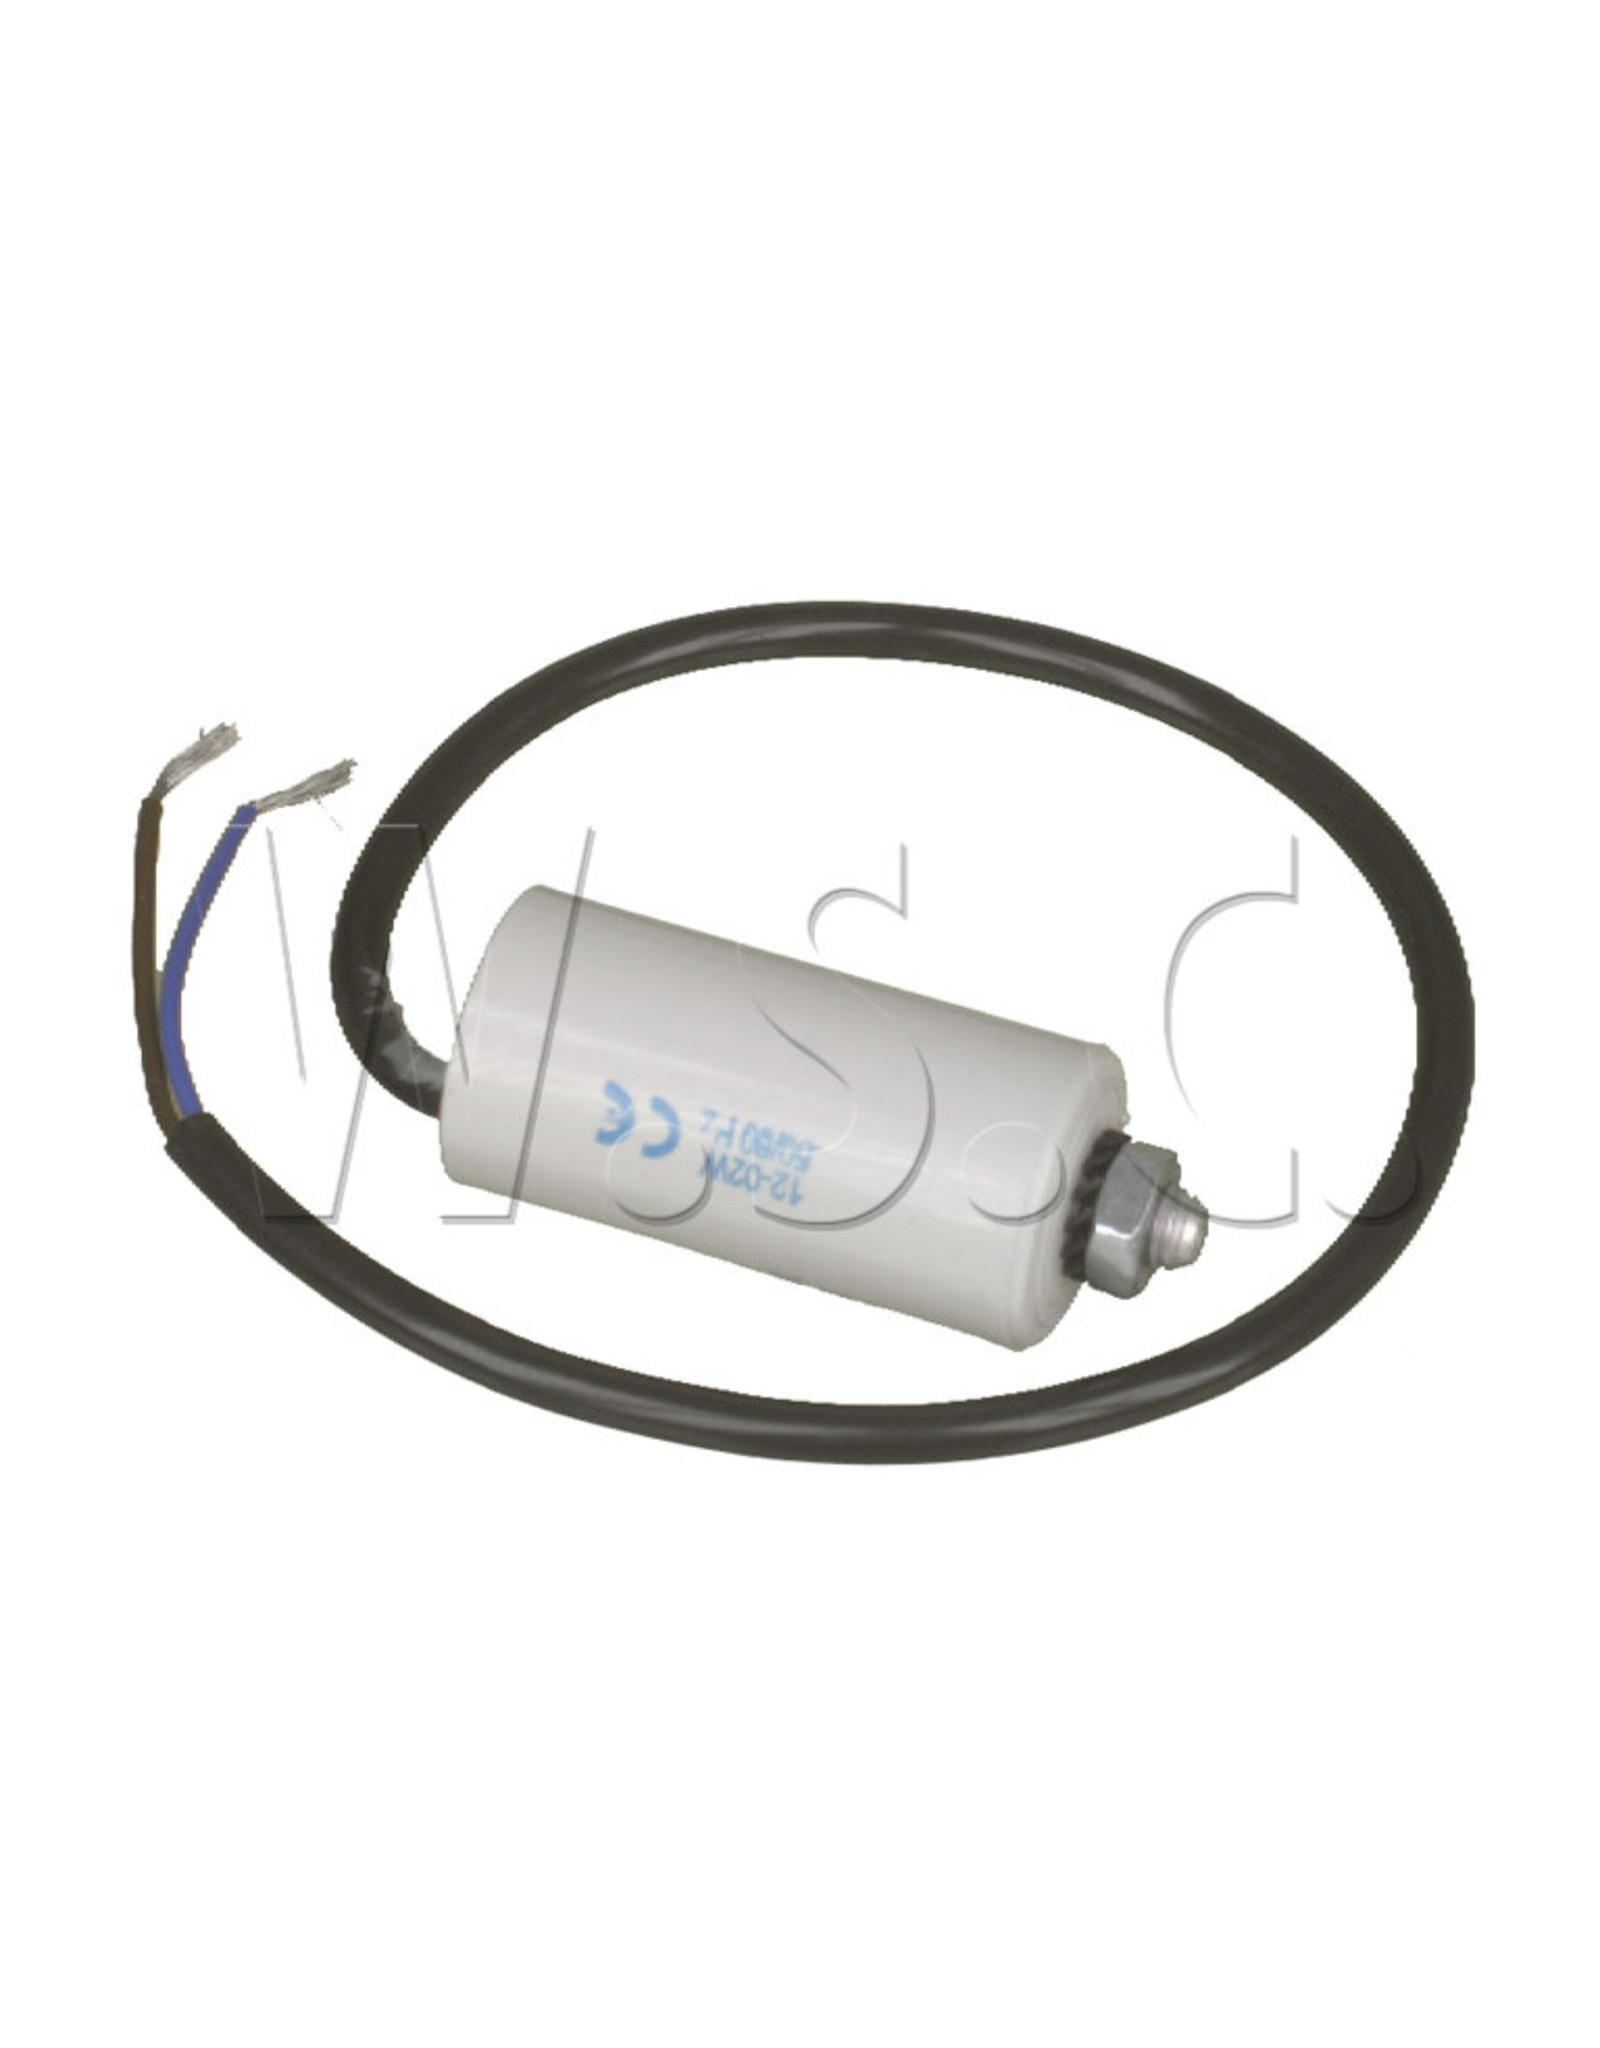 Universeel Condensator met draad 2MF